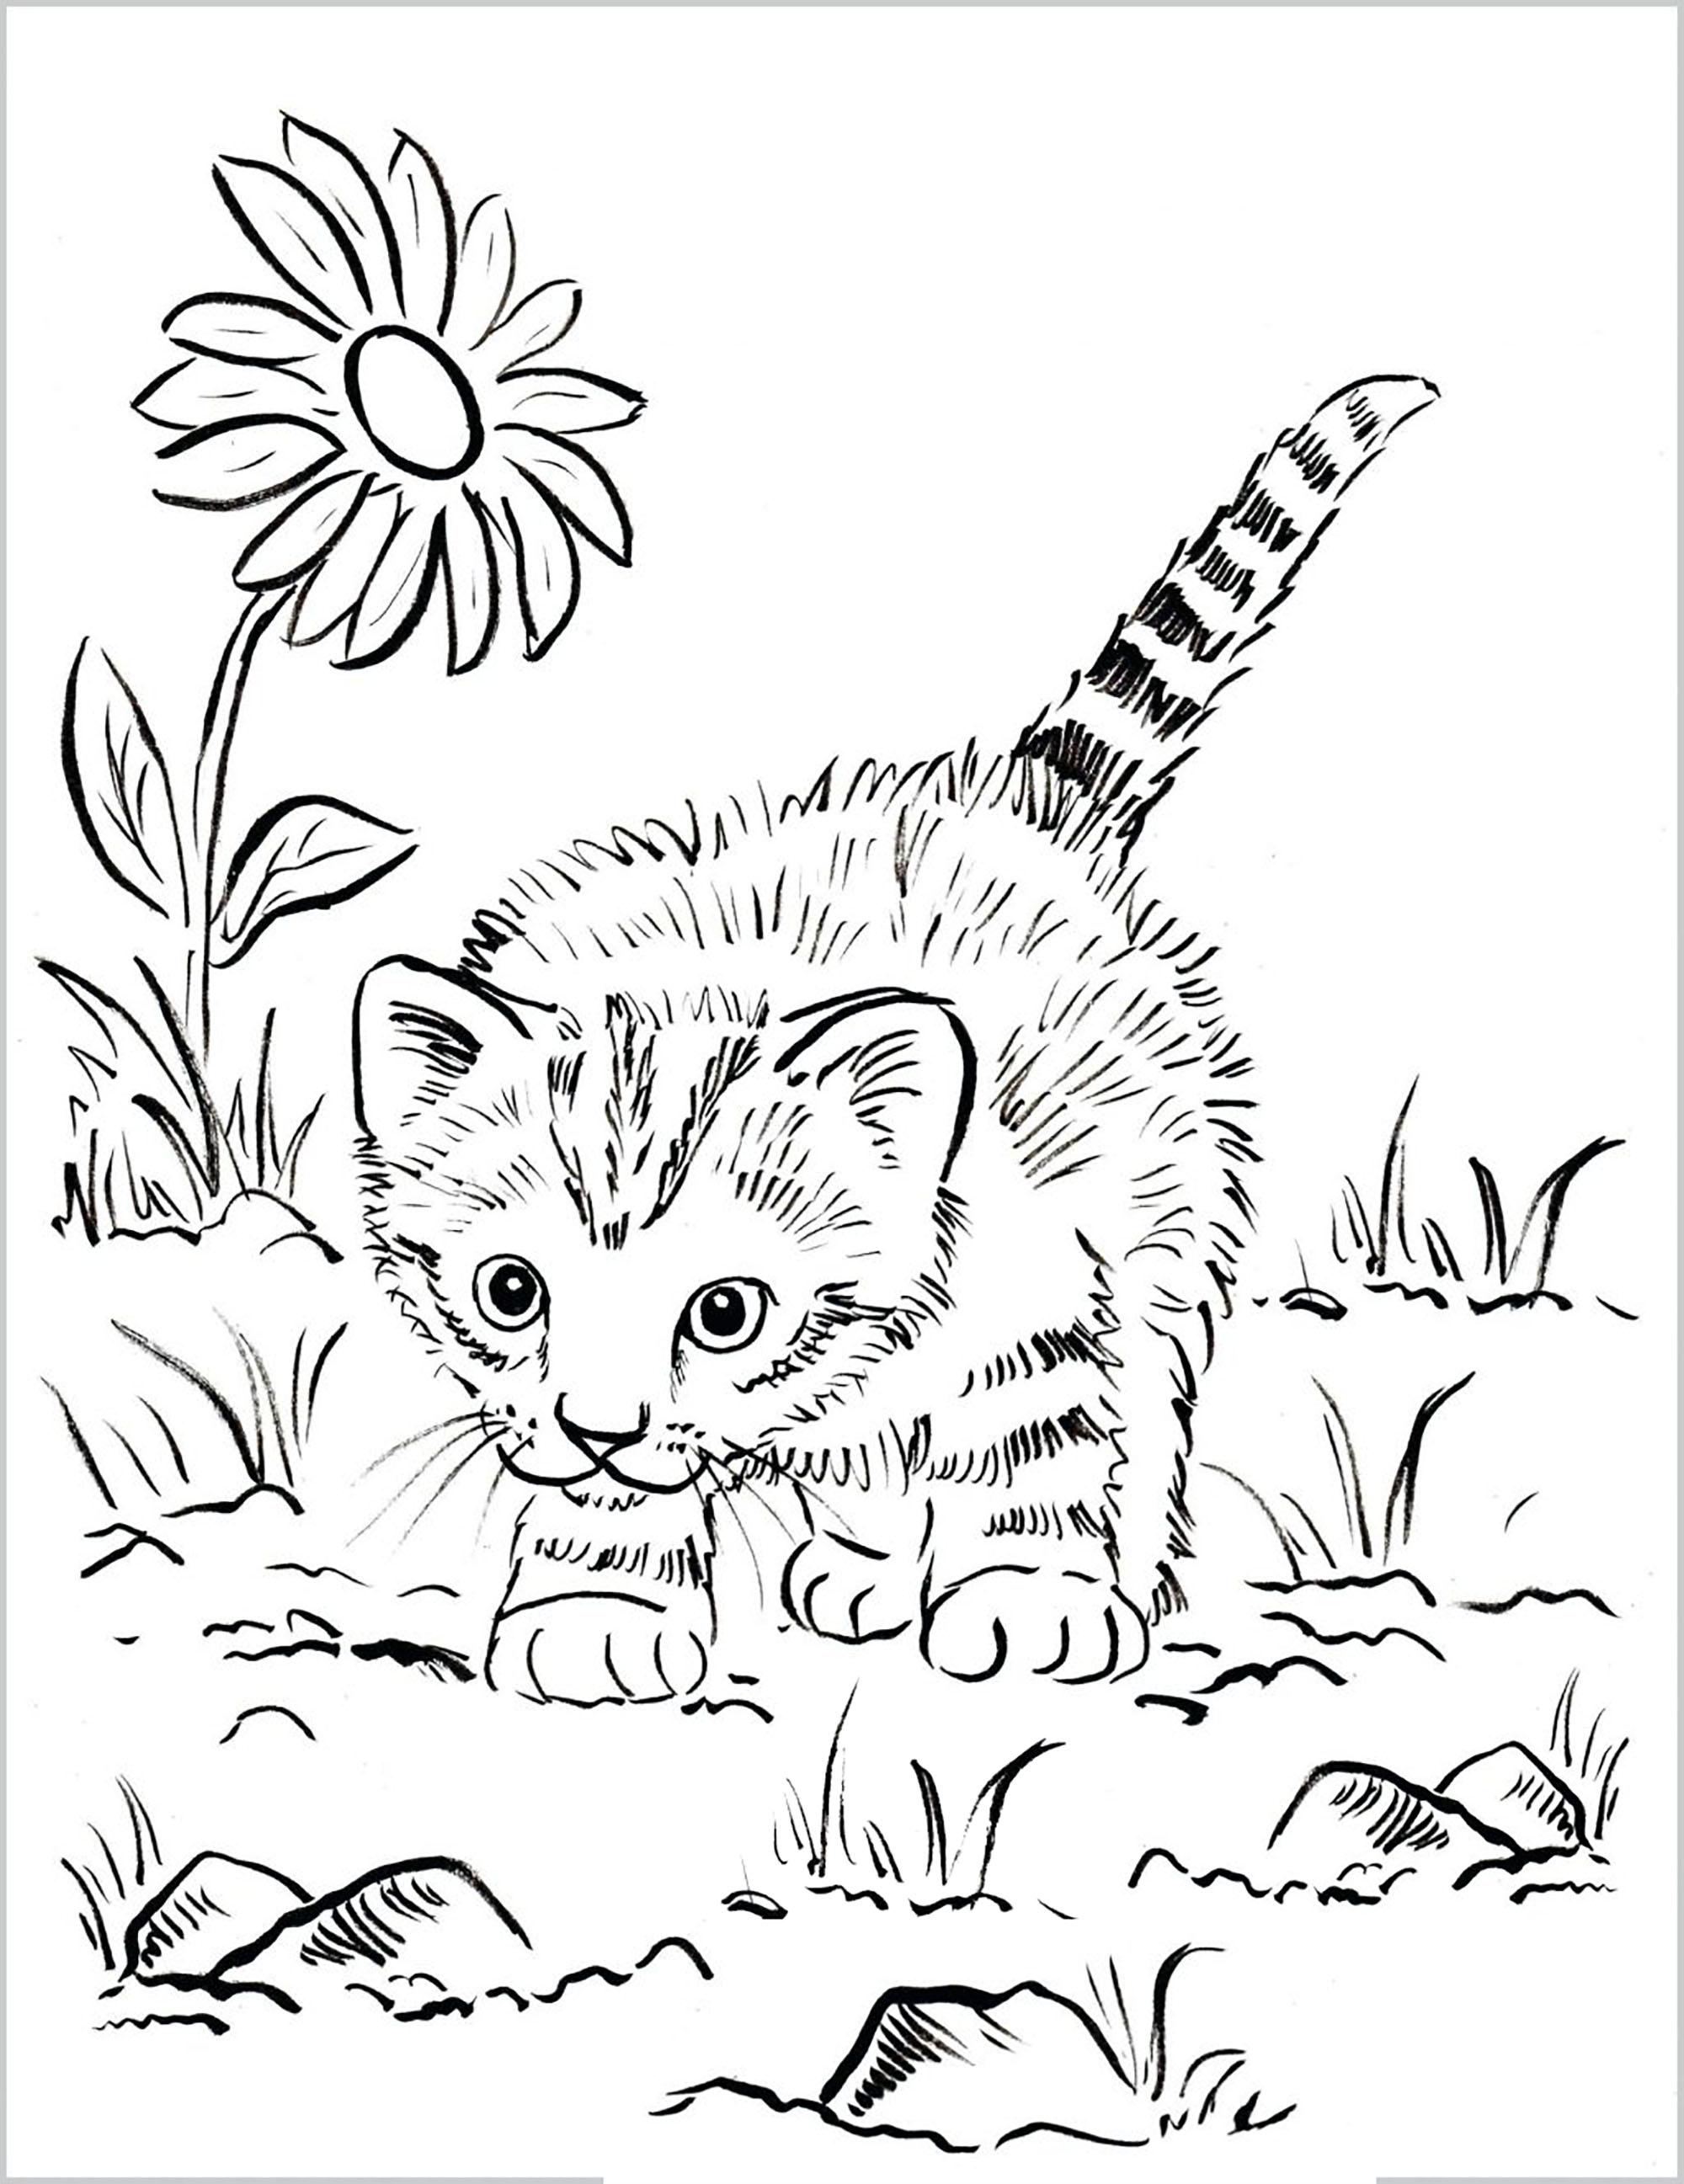 Petit chat 'chassant' dans le jardin